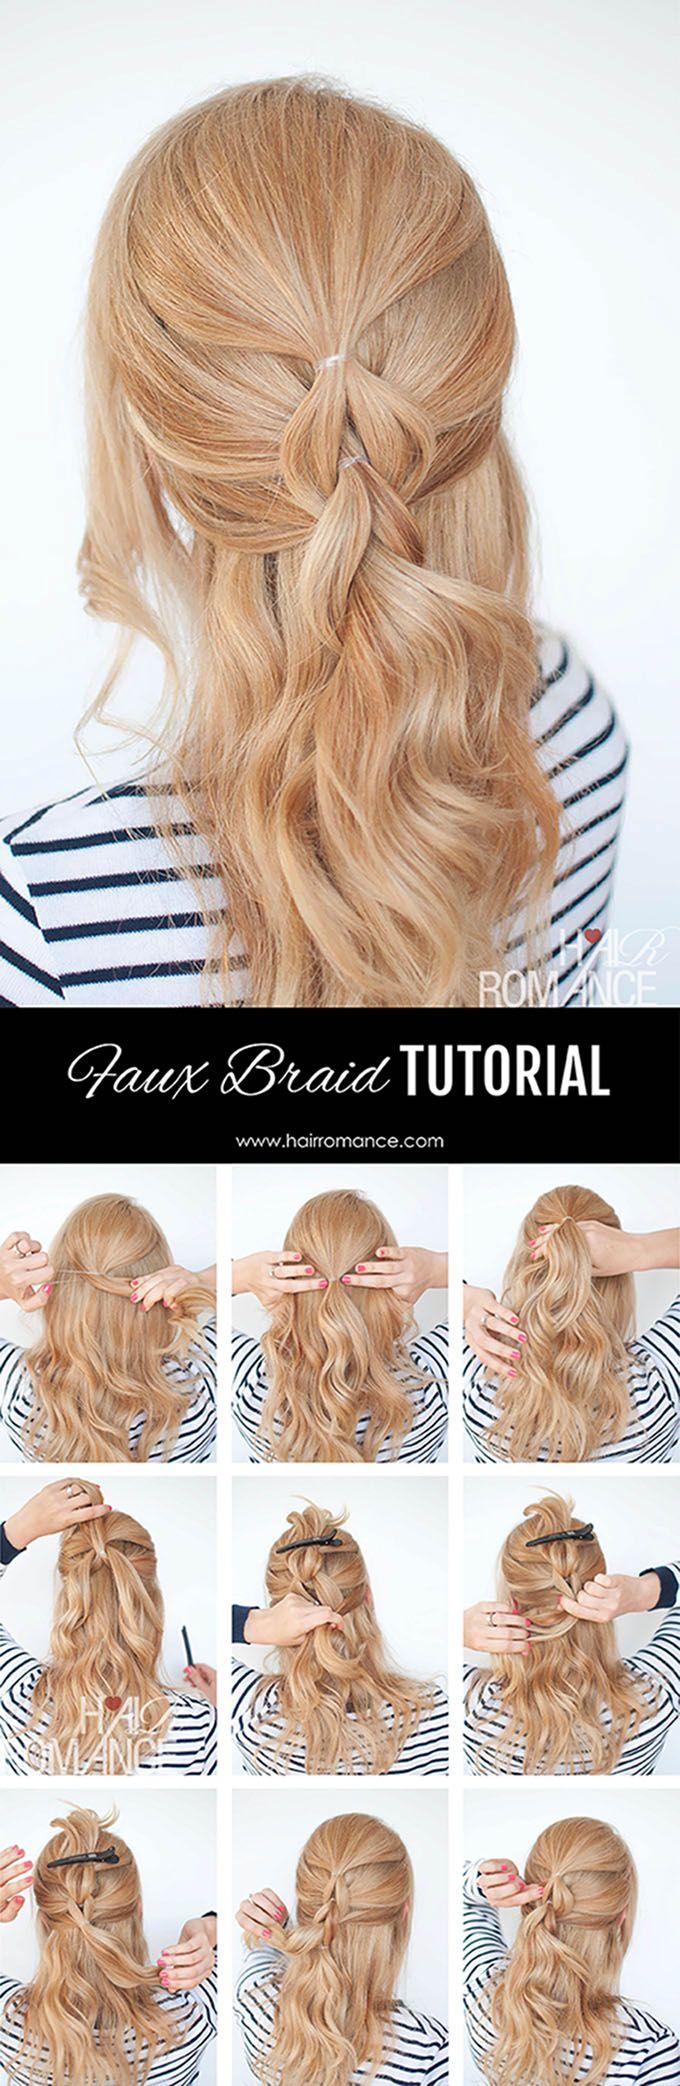 The no-braid braid - Struggling to braid your own hair? This pull through braid…